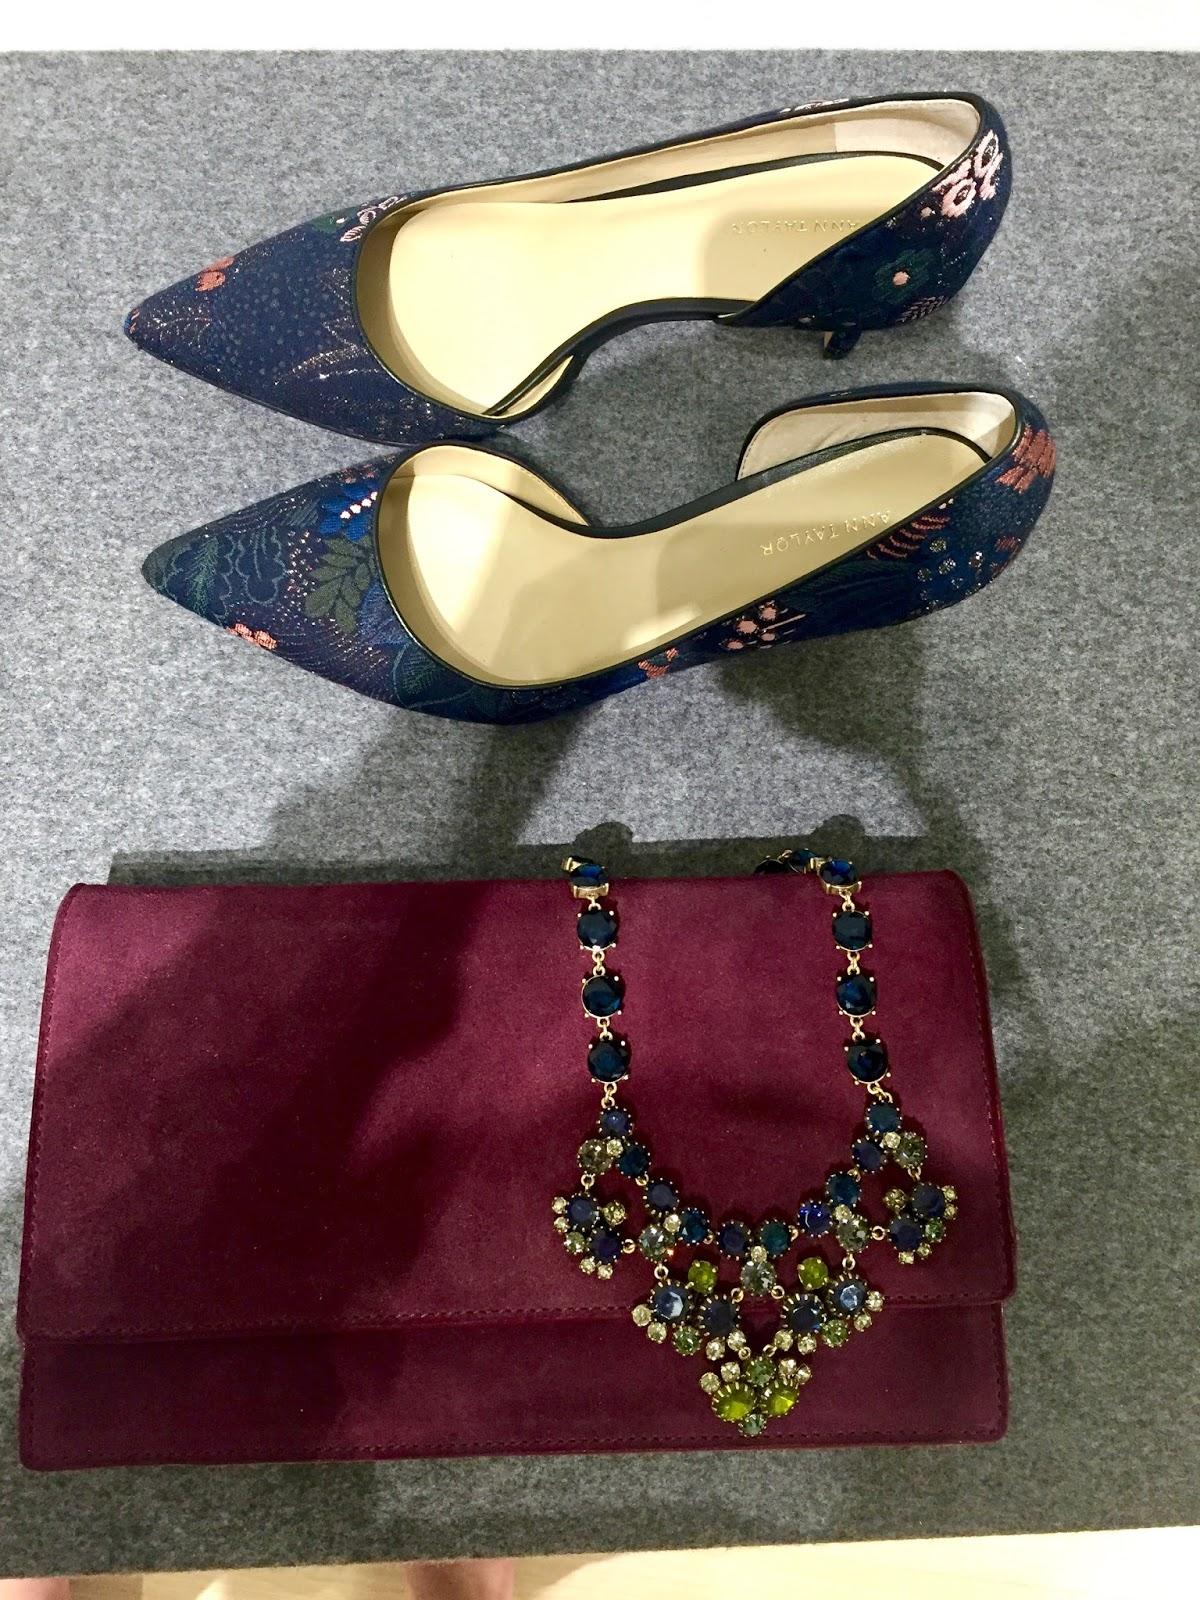 ann taylor accessories